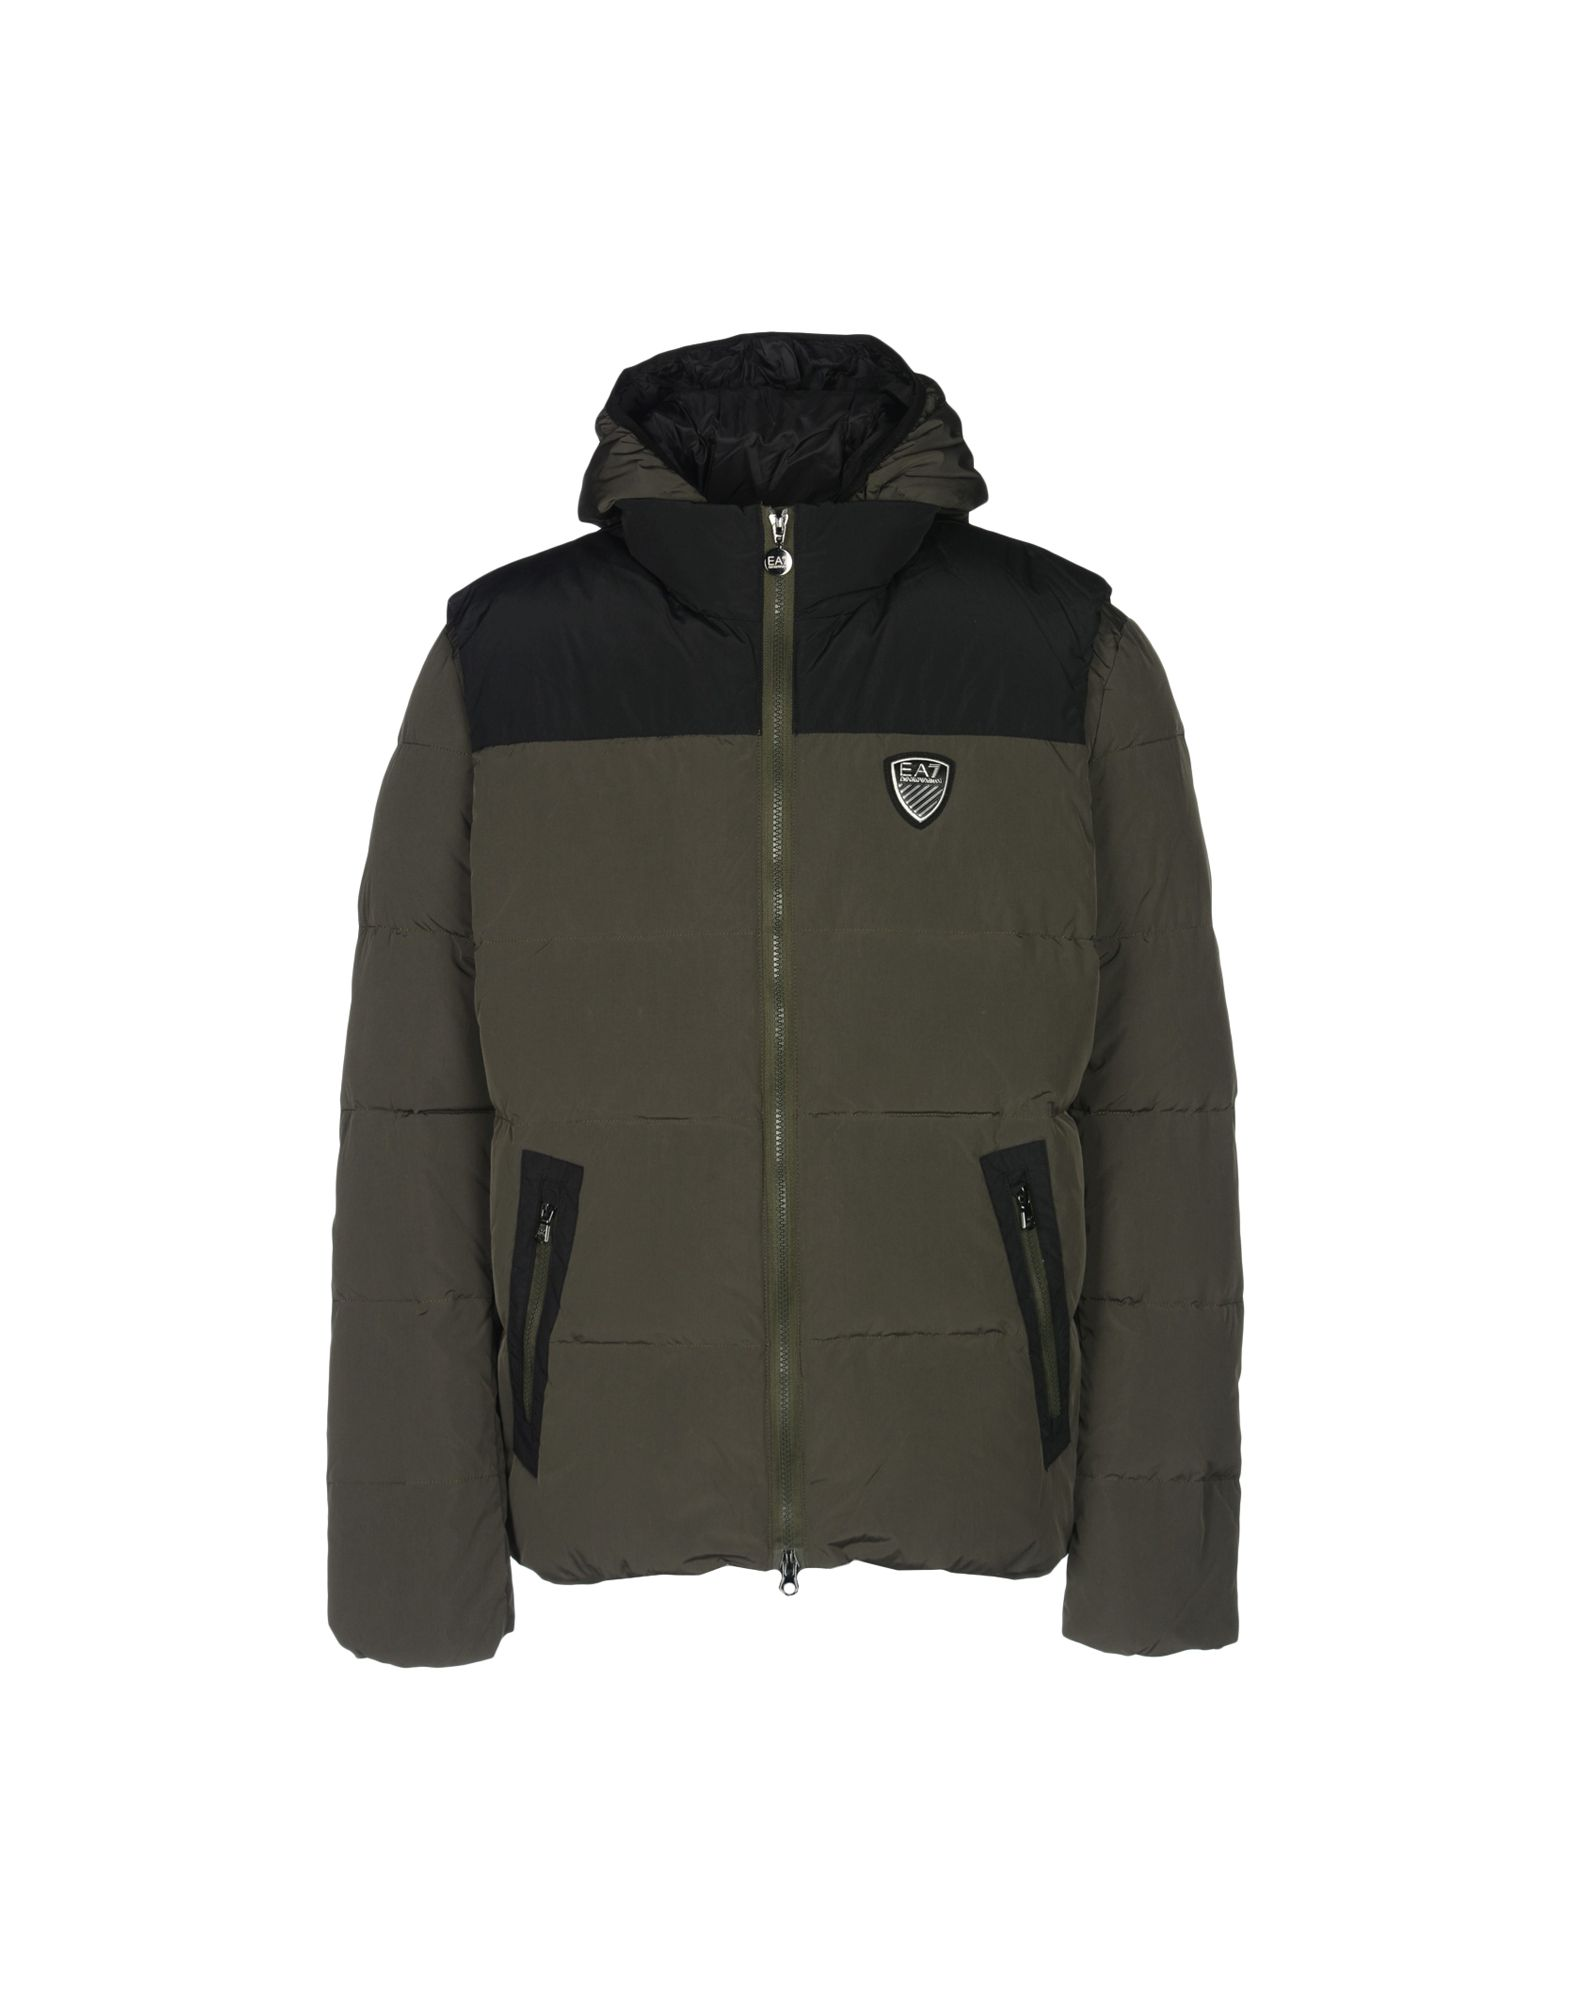 Piumino Ea7 Puffy Jacket Bicolor-Bimaterial - Uomo - Acquista online su